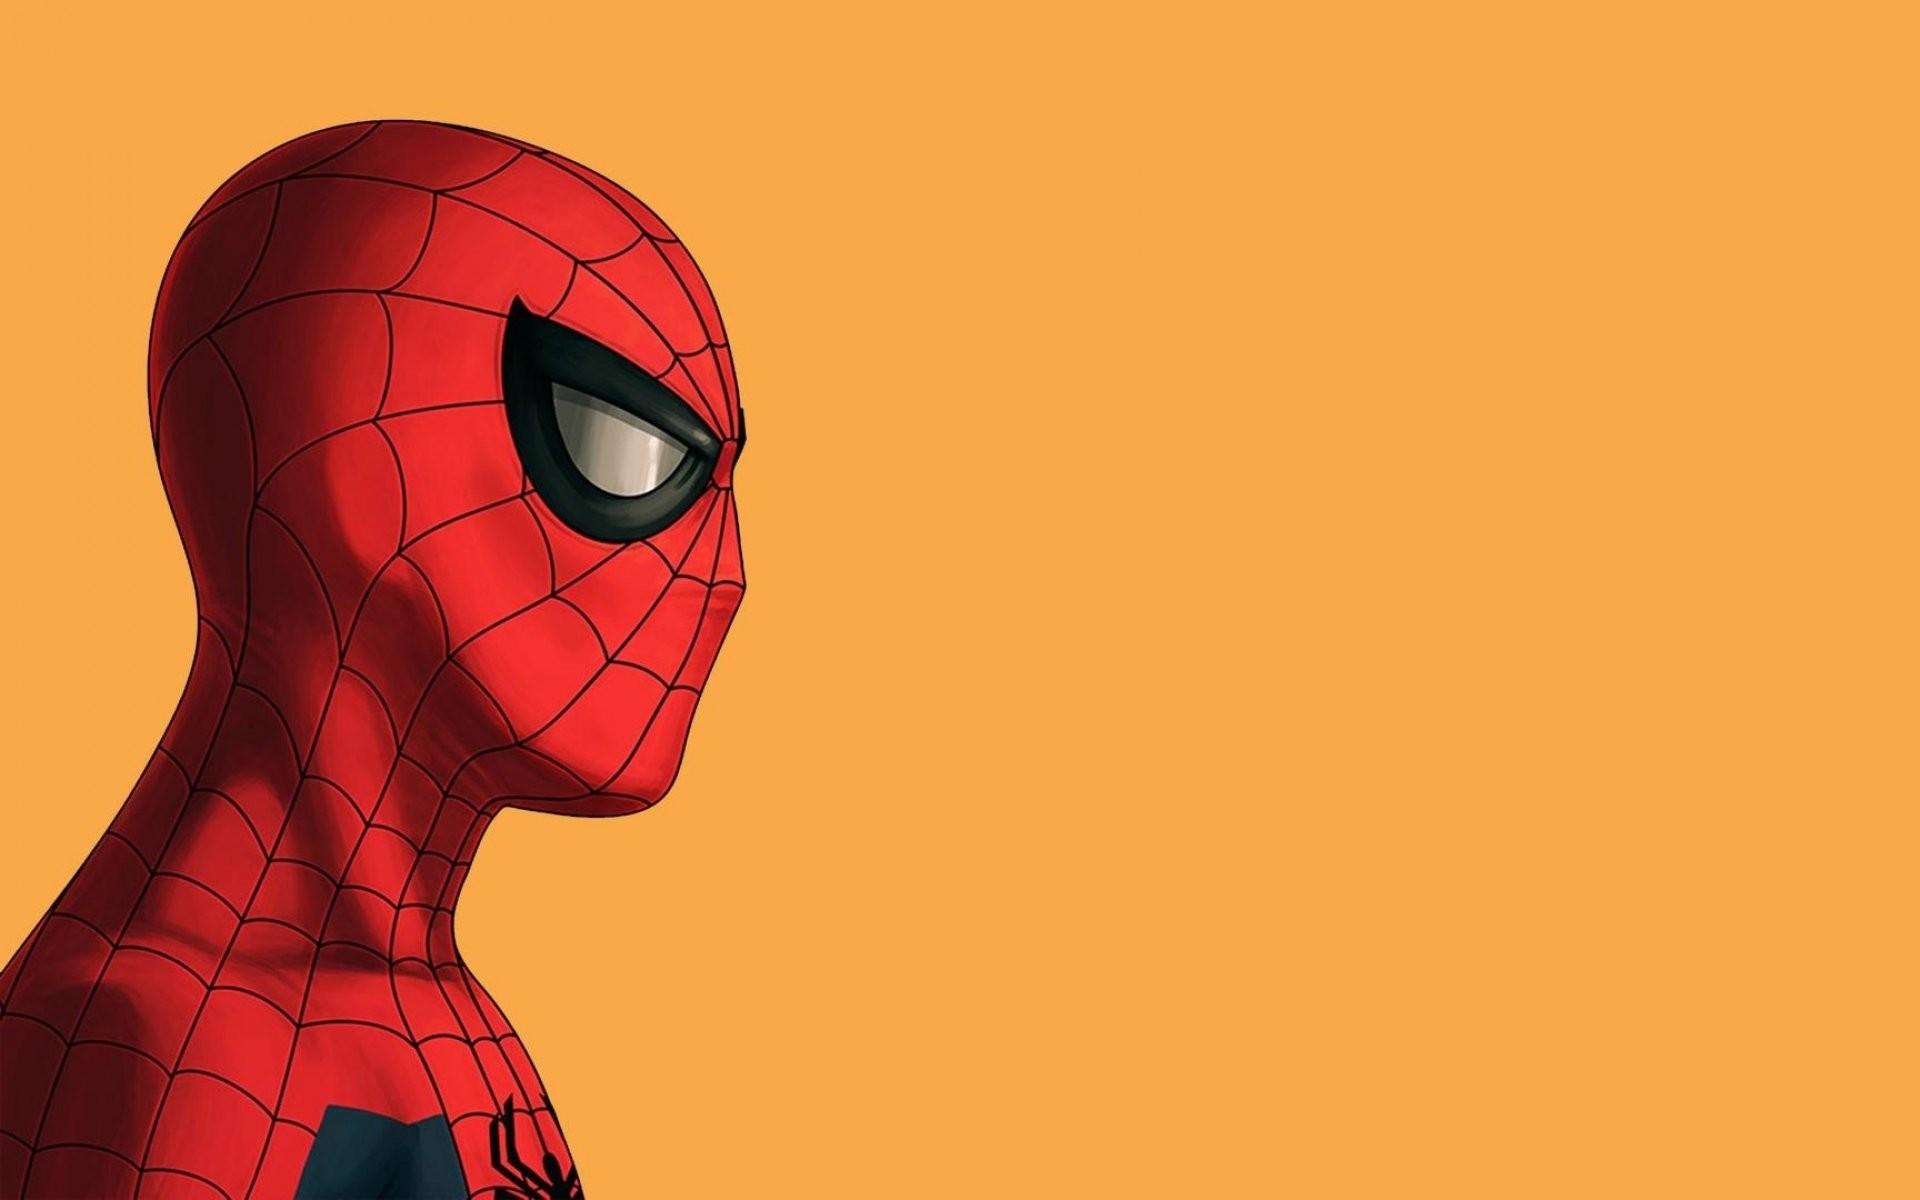 SPIDER-MAN superhero marvel spider man action spiderman wallpaper |  | 749131 | WallpaperUP